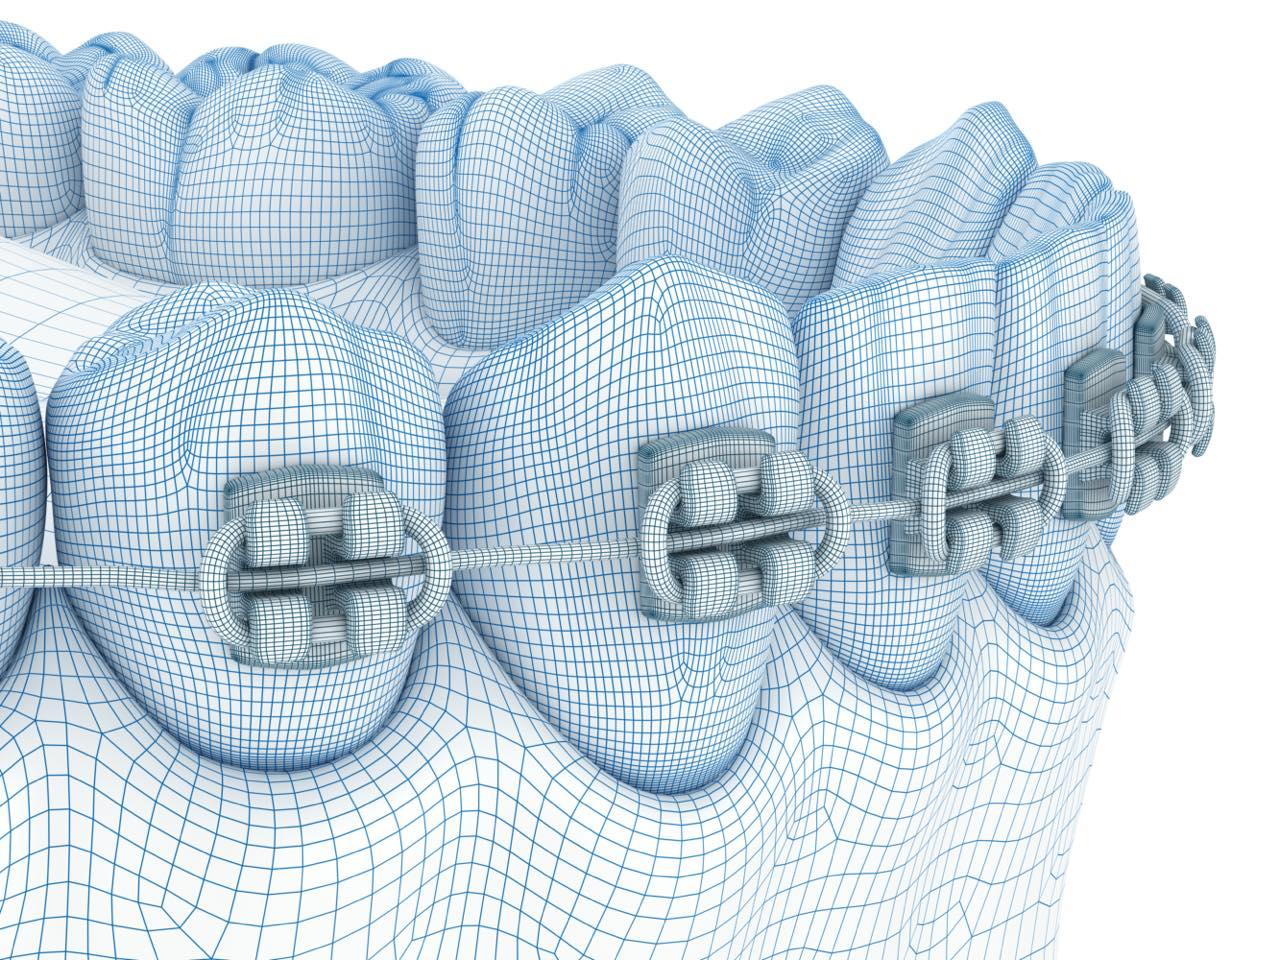 歯列矯正は痛い?痛みが起きやすいケースと対処法